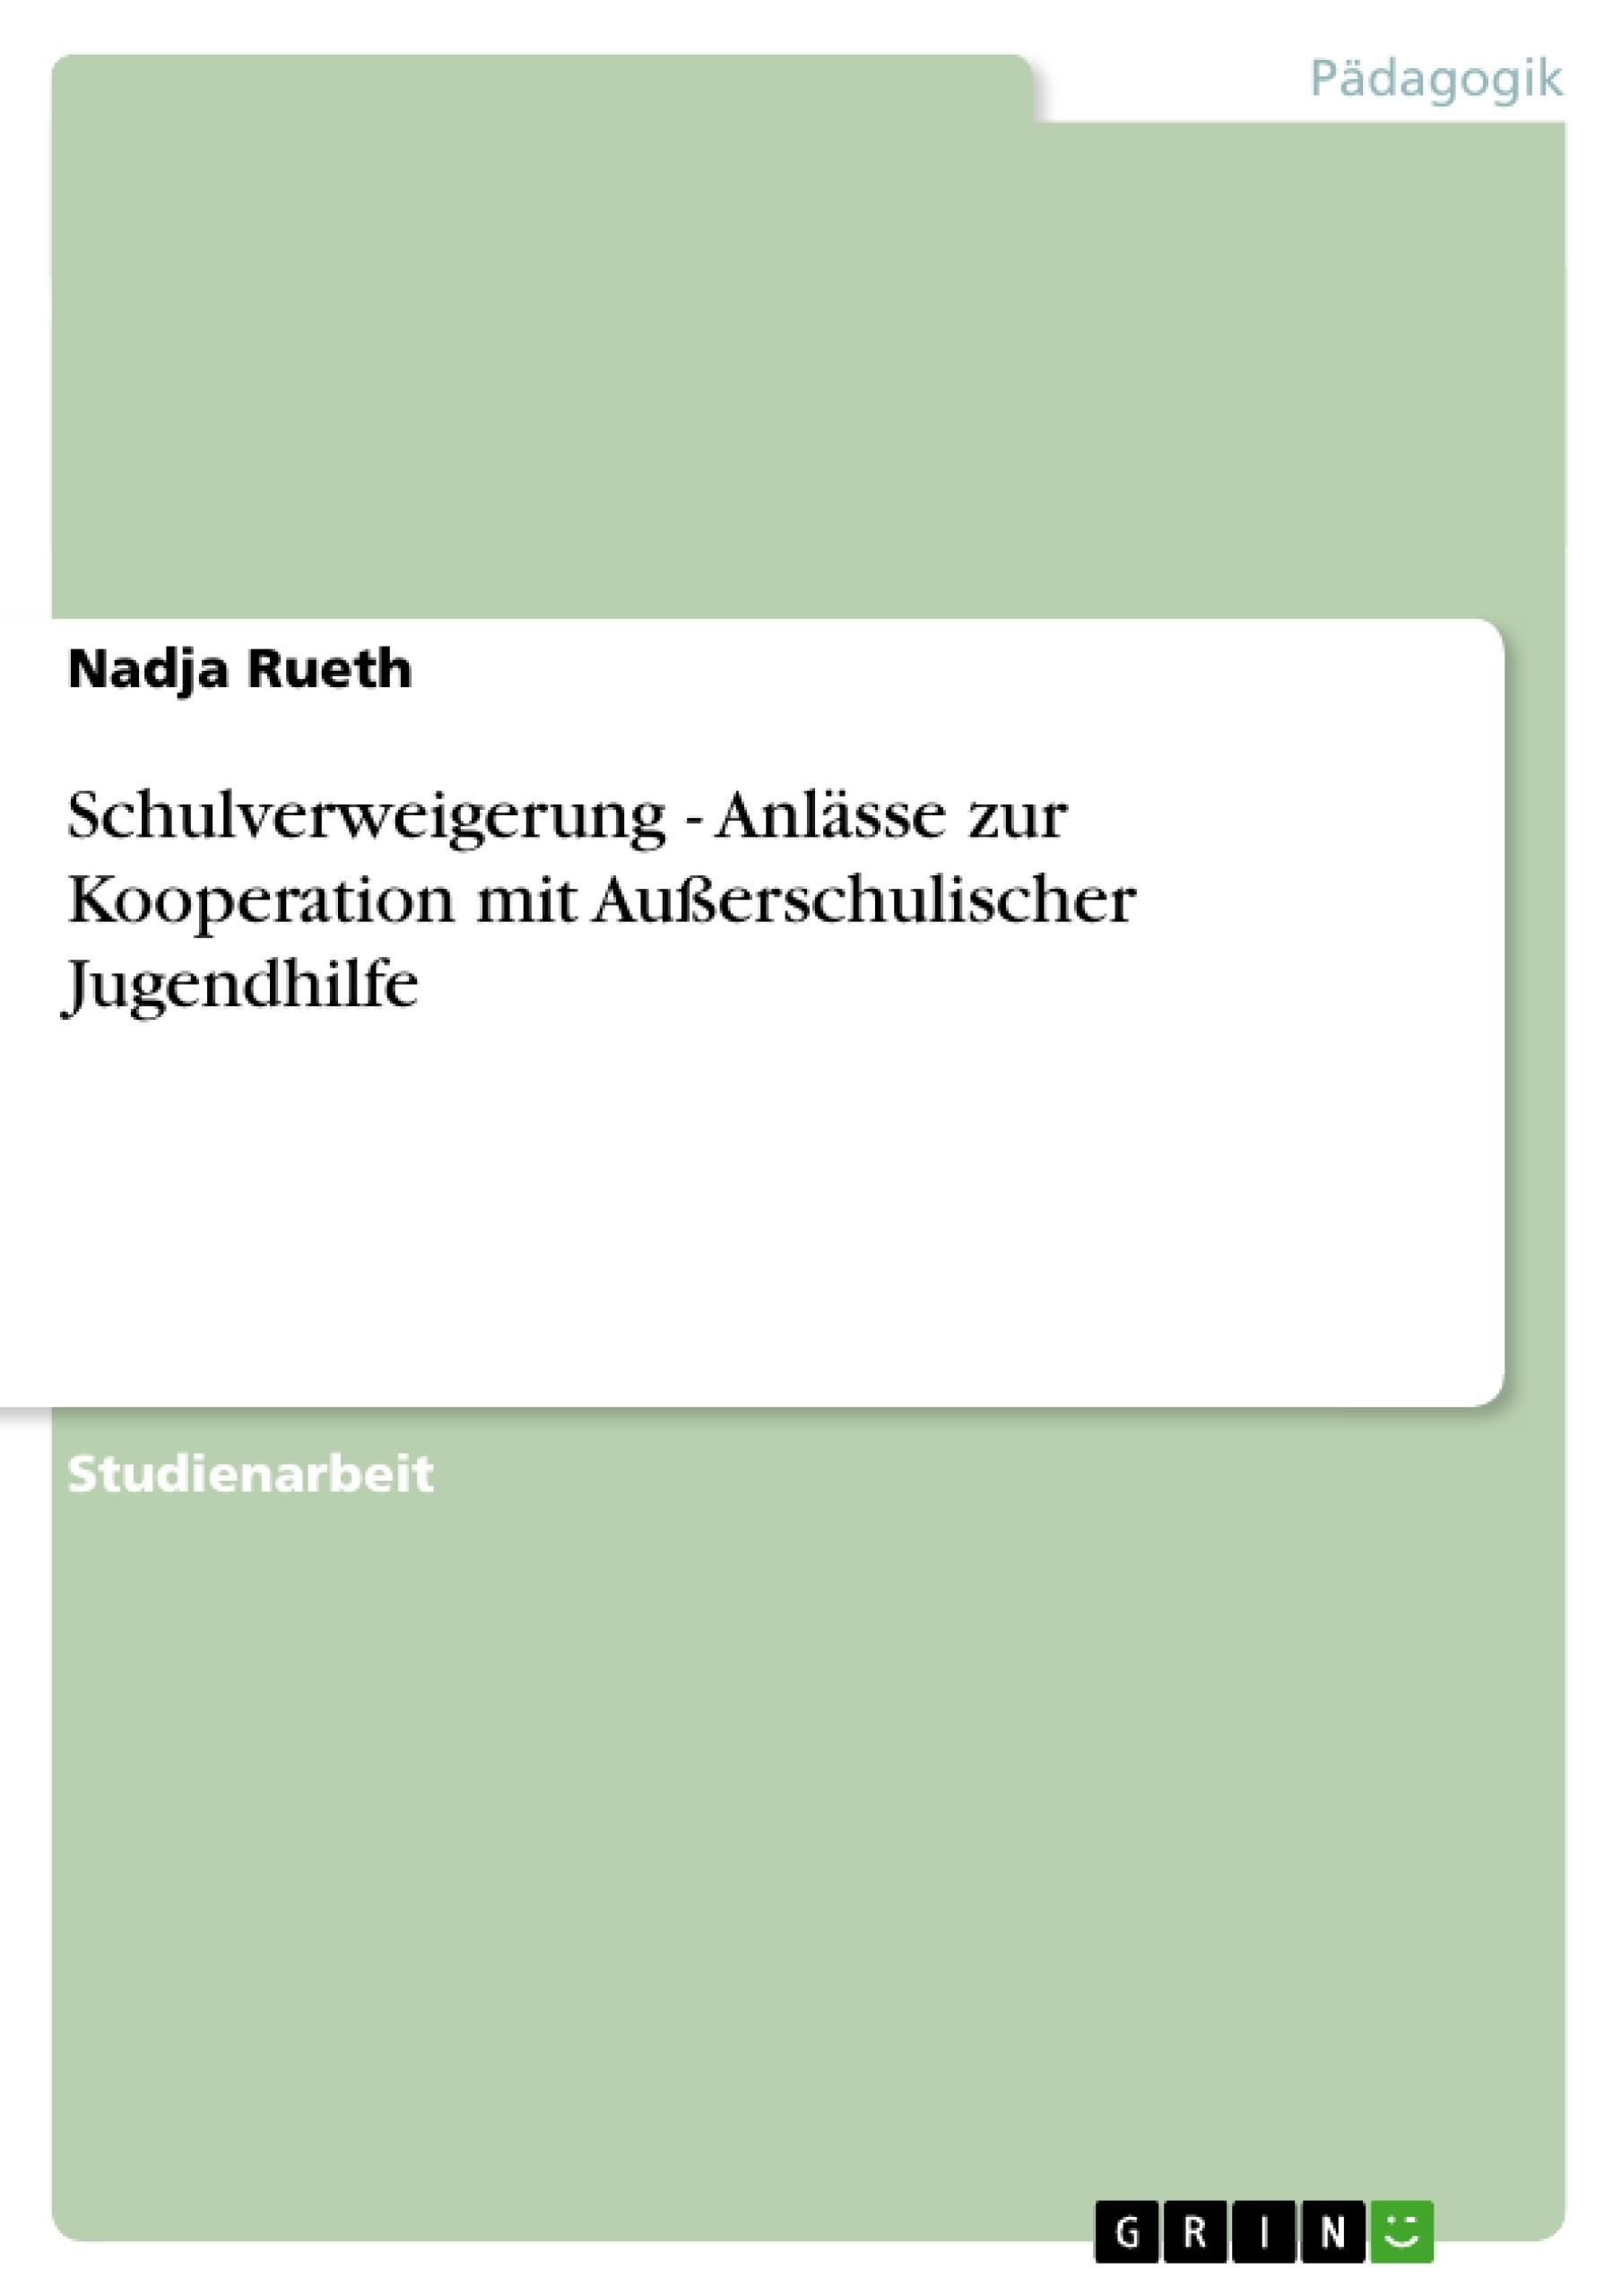 Titel: Schulverweigerung - Anlässe zur Kooperation mit Außerschulischer Jugendhilfe